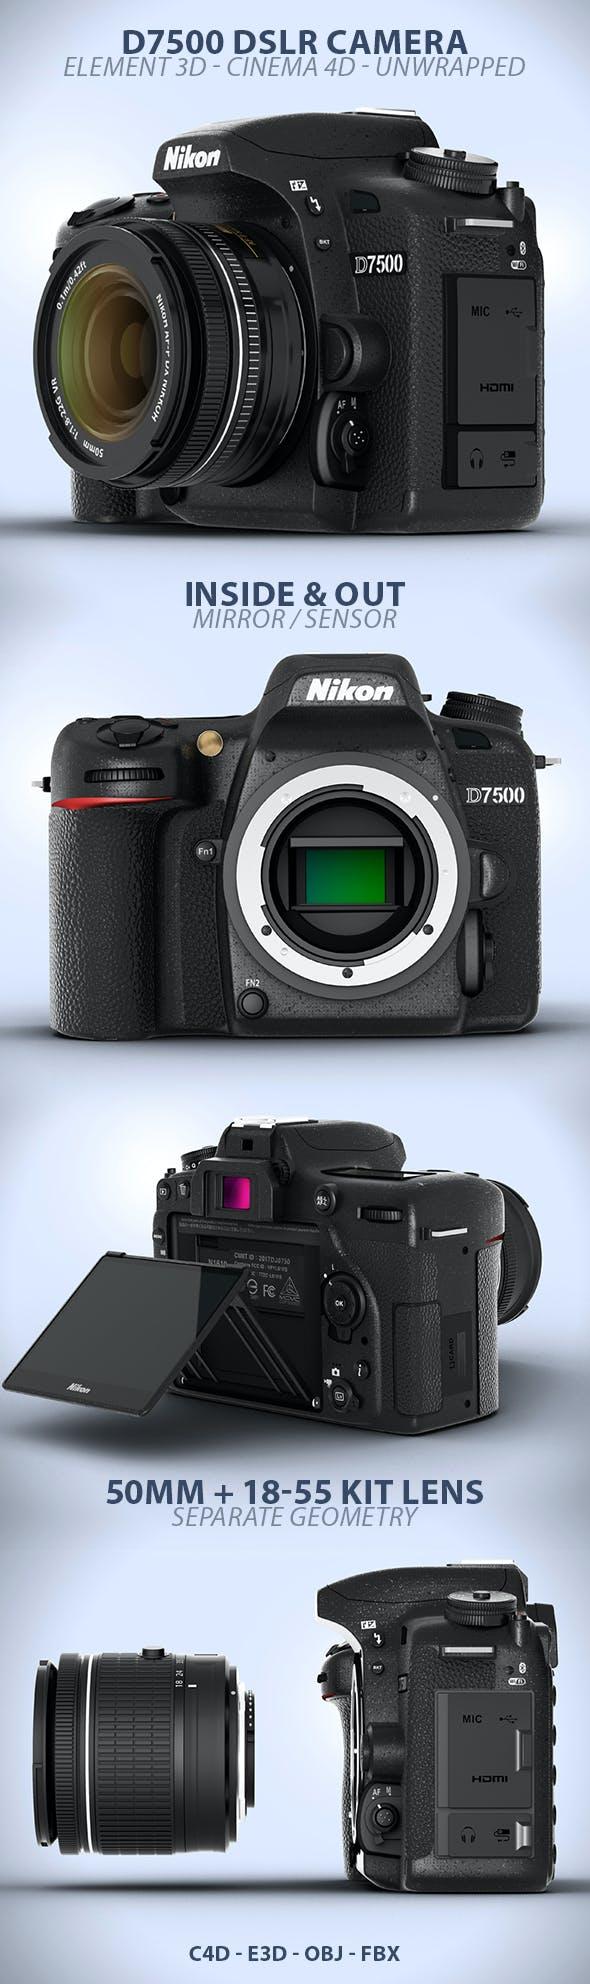 DSLR D7500 Camera Element 3D Model - 3DOcean Item for Sale